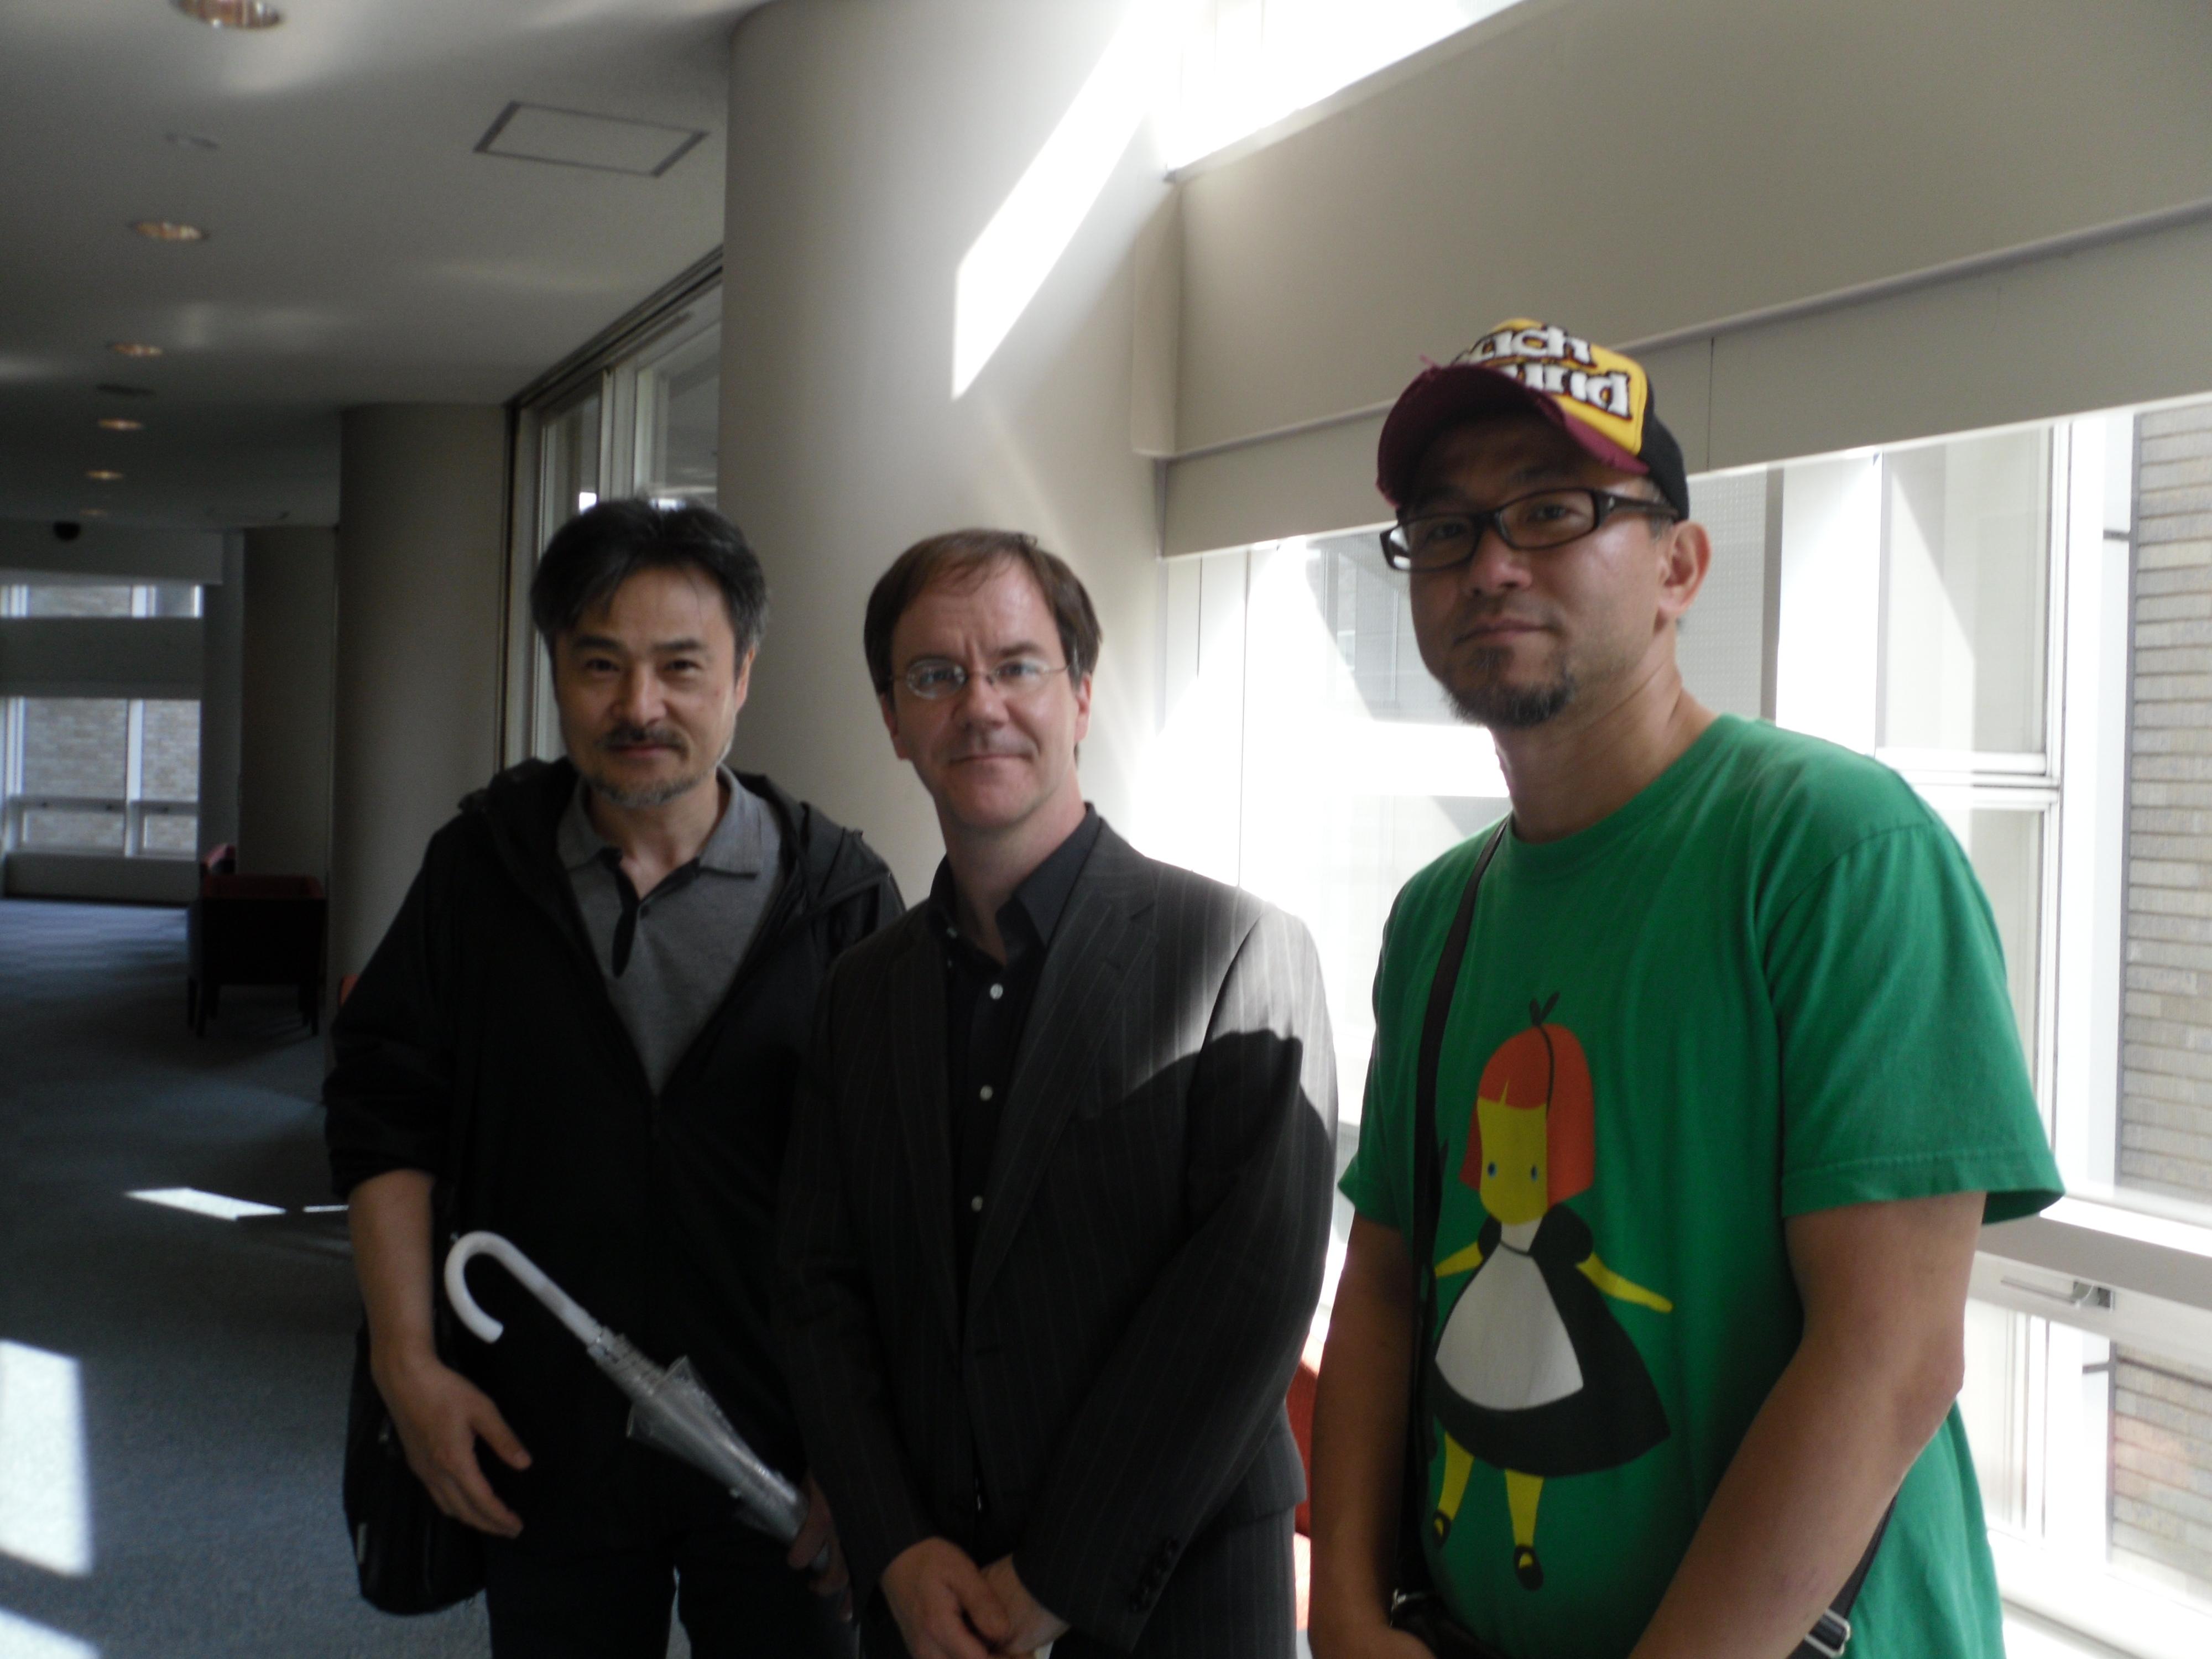 Kiyoshi Kurosawa, interpreter Aaron Gerow, and Shinji Aoyama